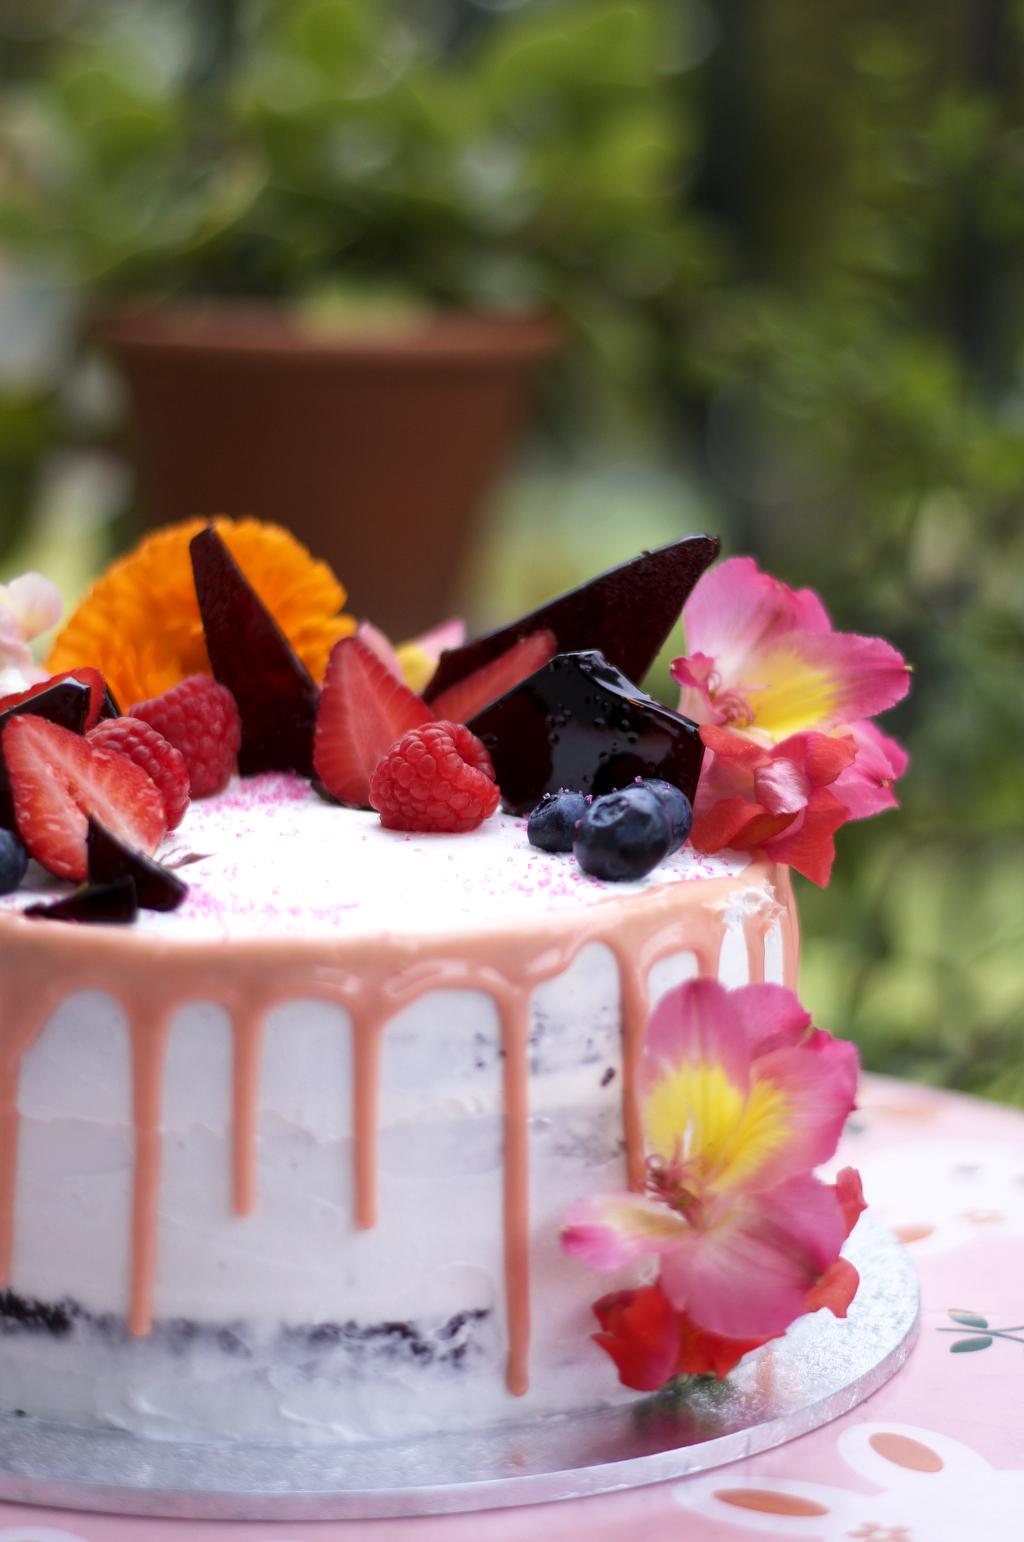 my little panda kitchen, cake, bespoke cake, vegan, elashock, karen okuda, konichiwakaren